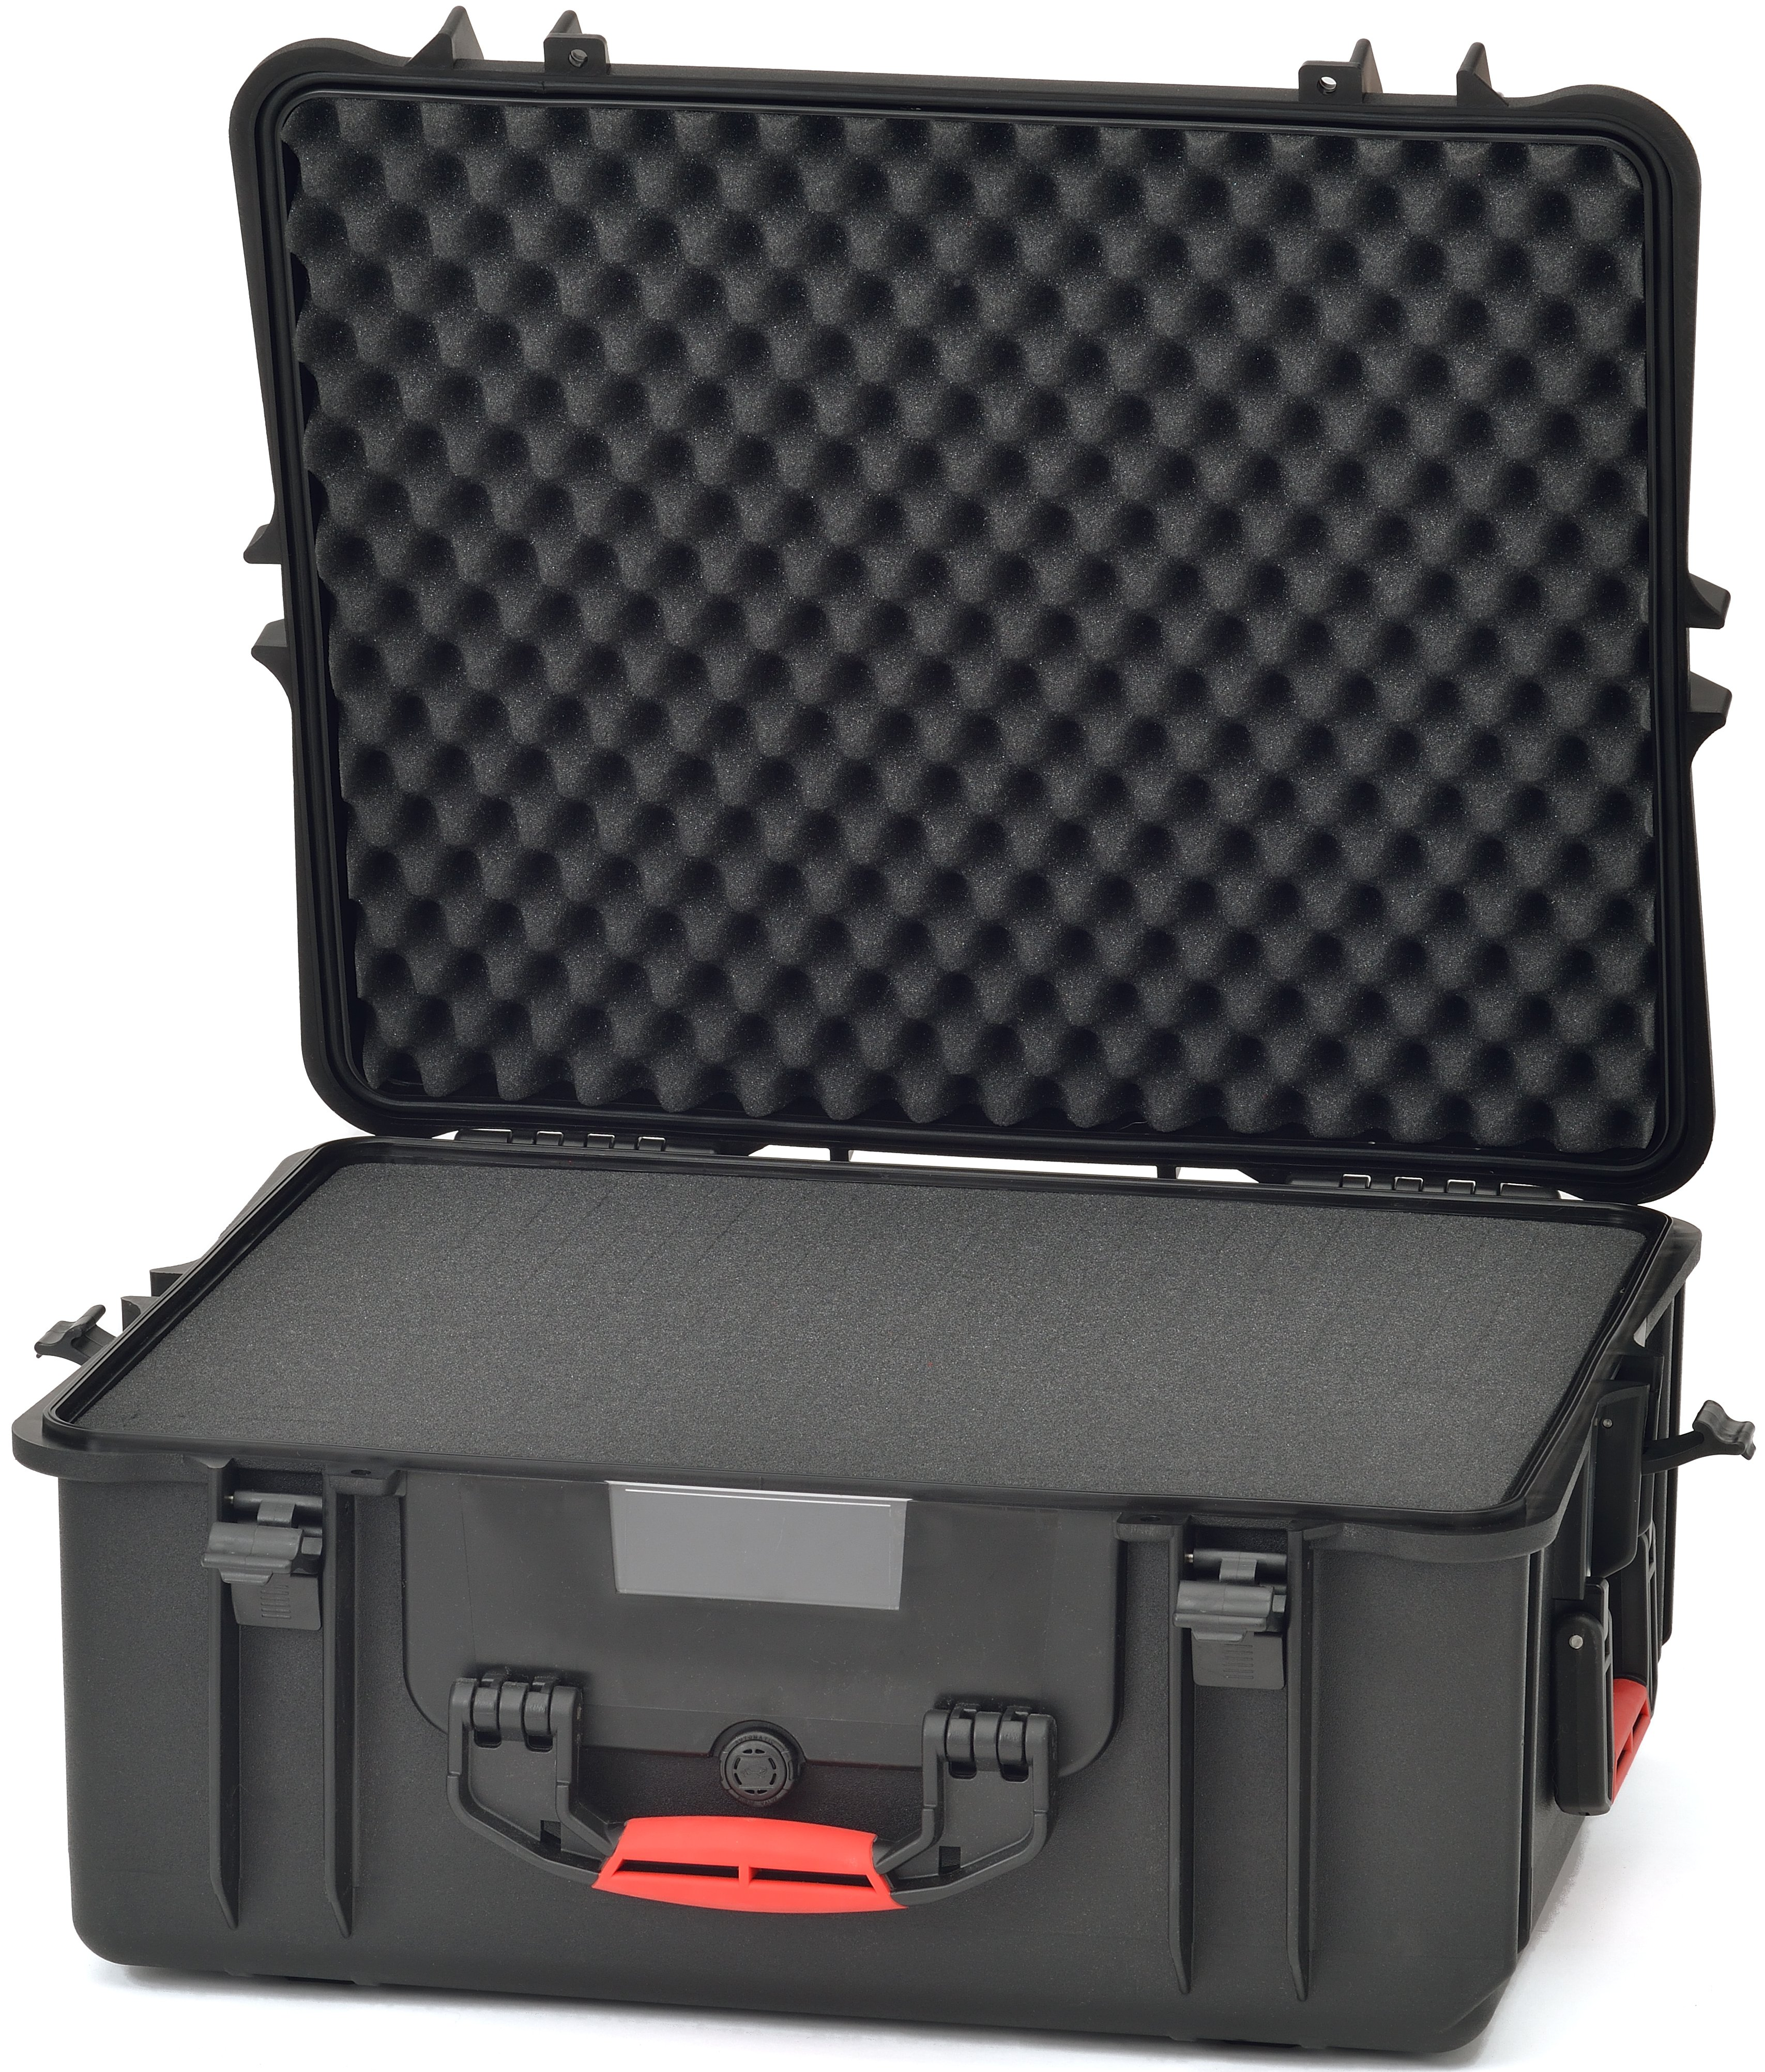 HPRC 2710 Case